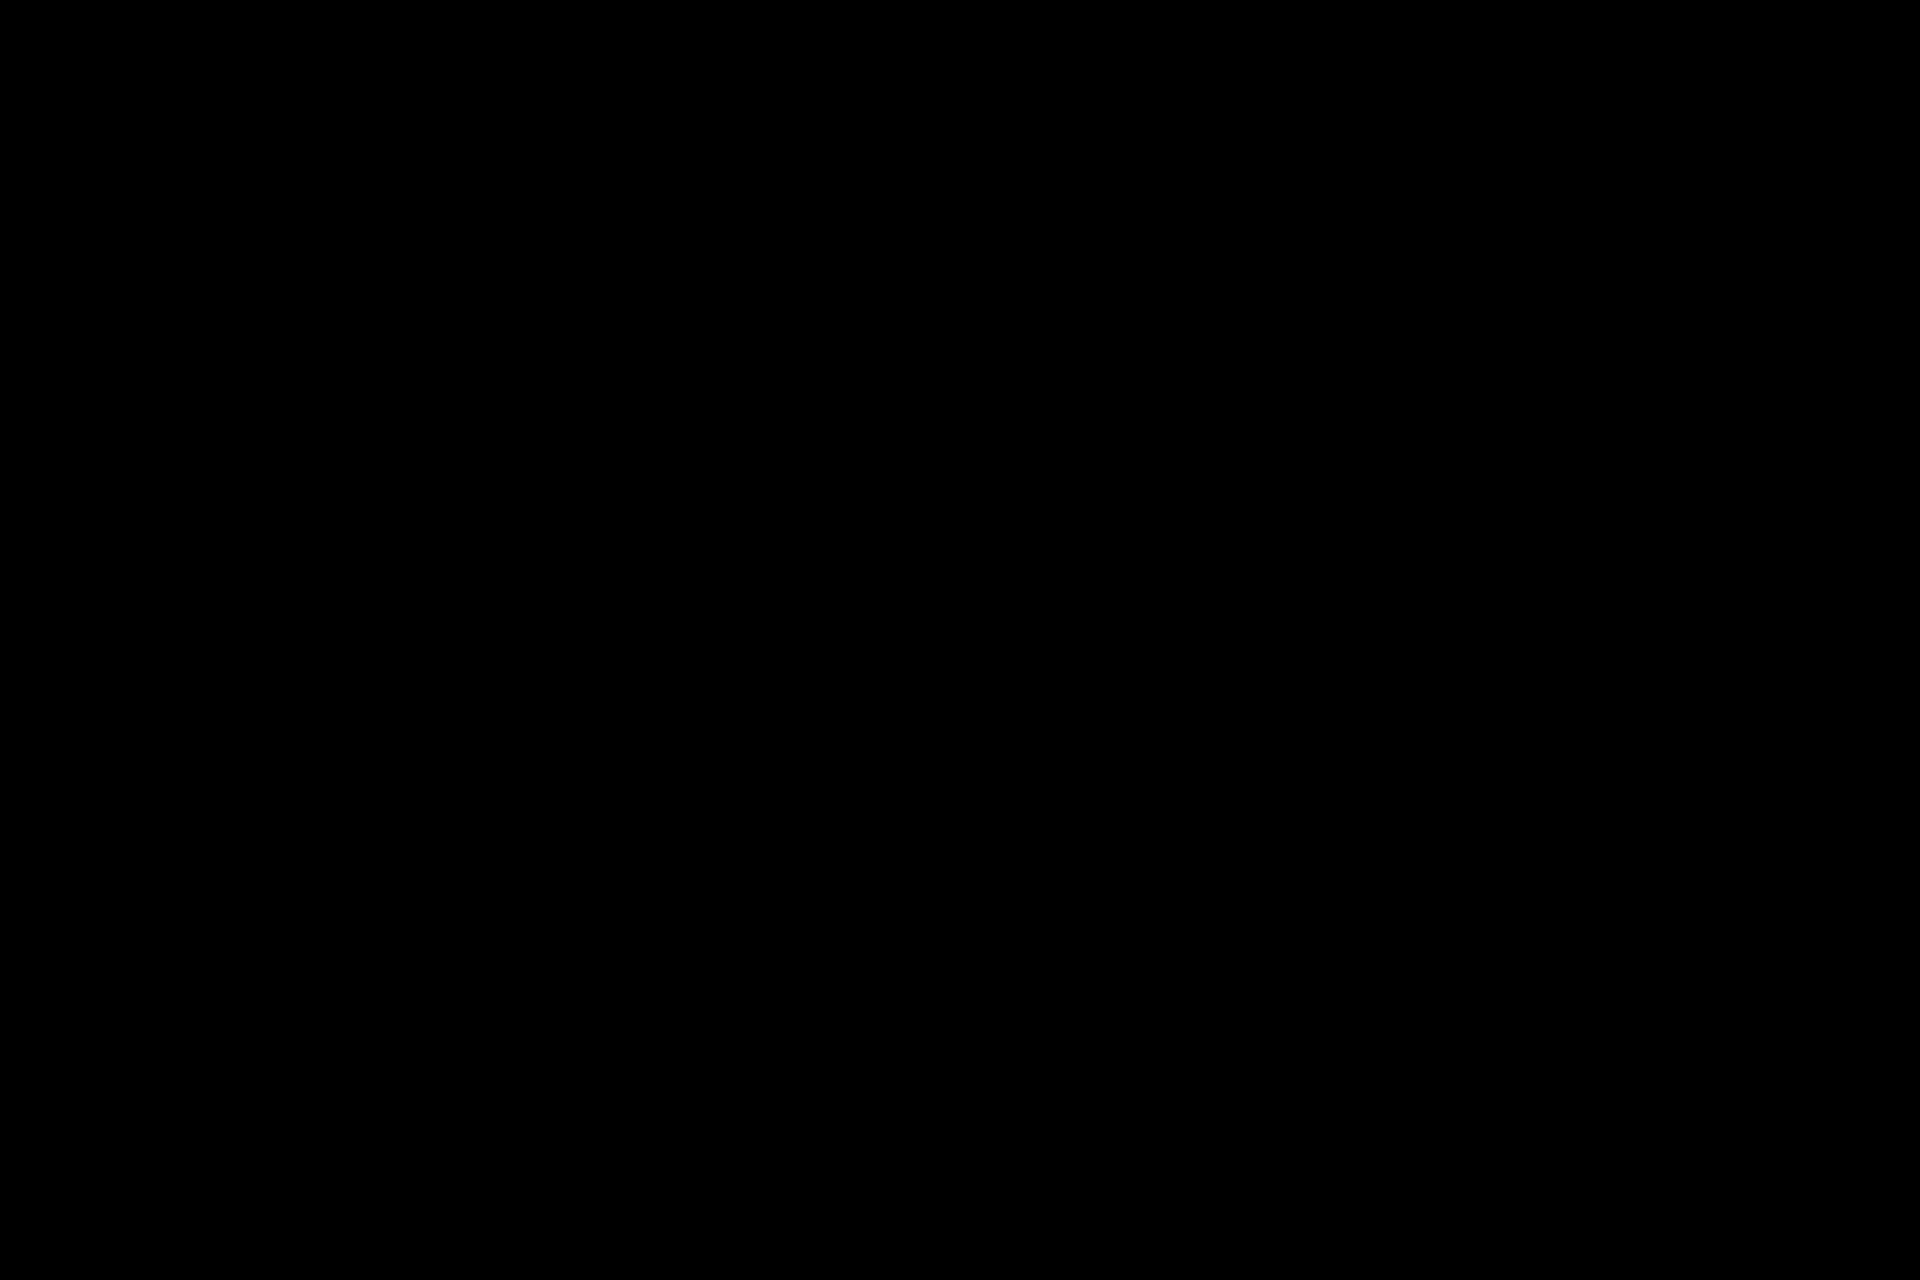 CYLLADDA Showcase Video – CNY 2014